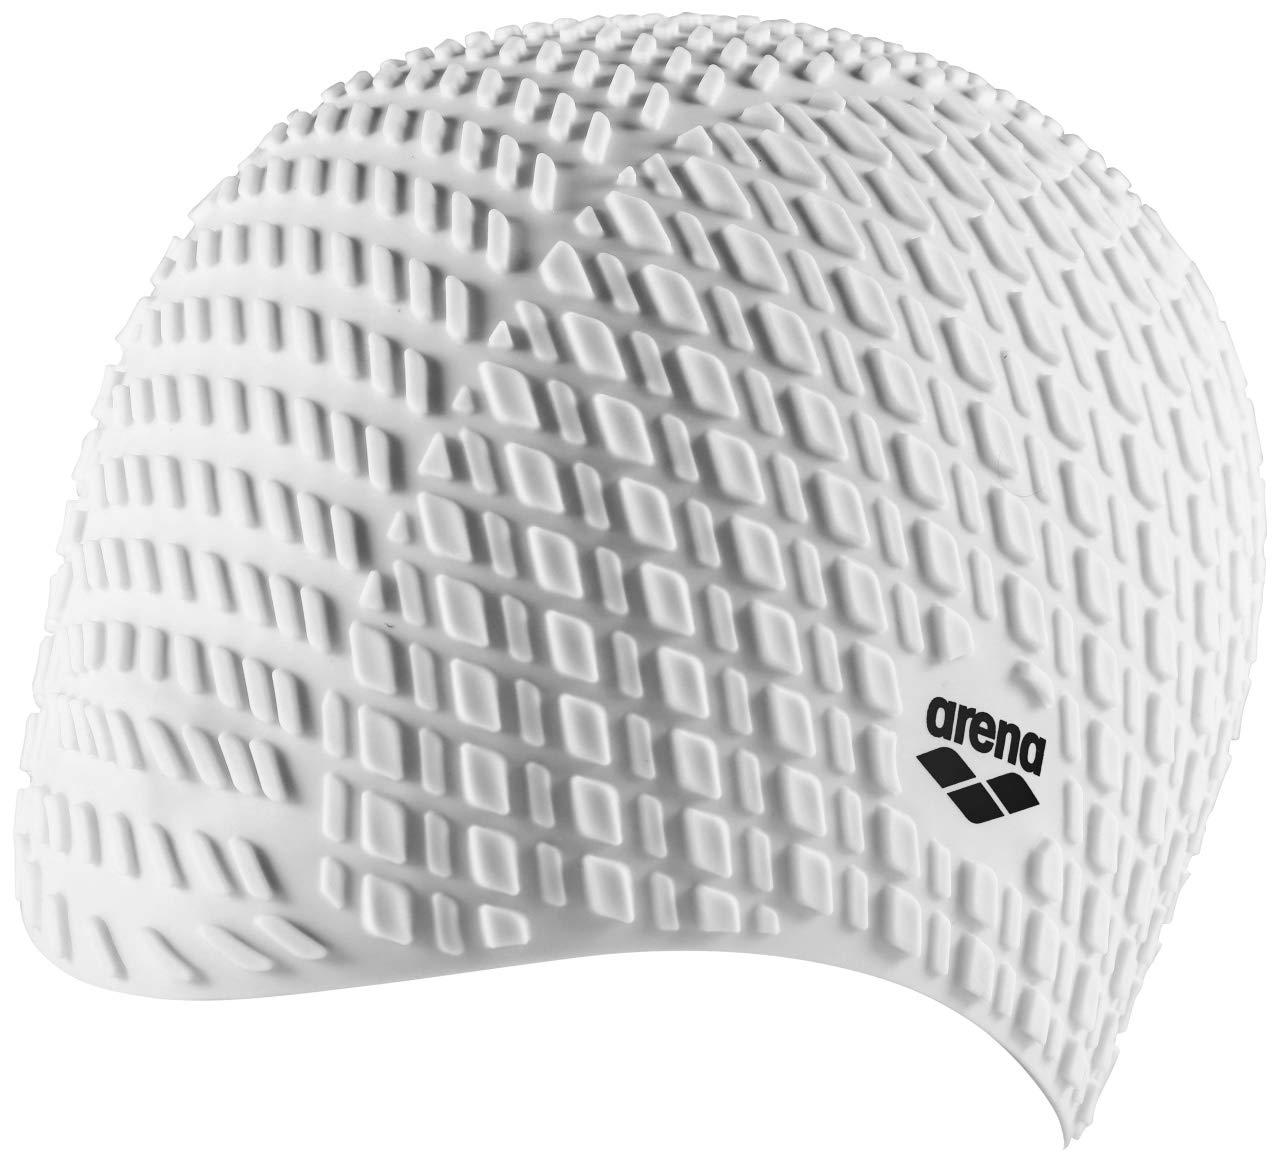 ARENA Unisex – Erwachsene Badekappe Bonnet Silicone, White, one Size